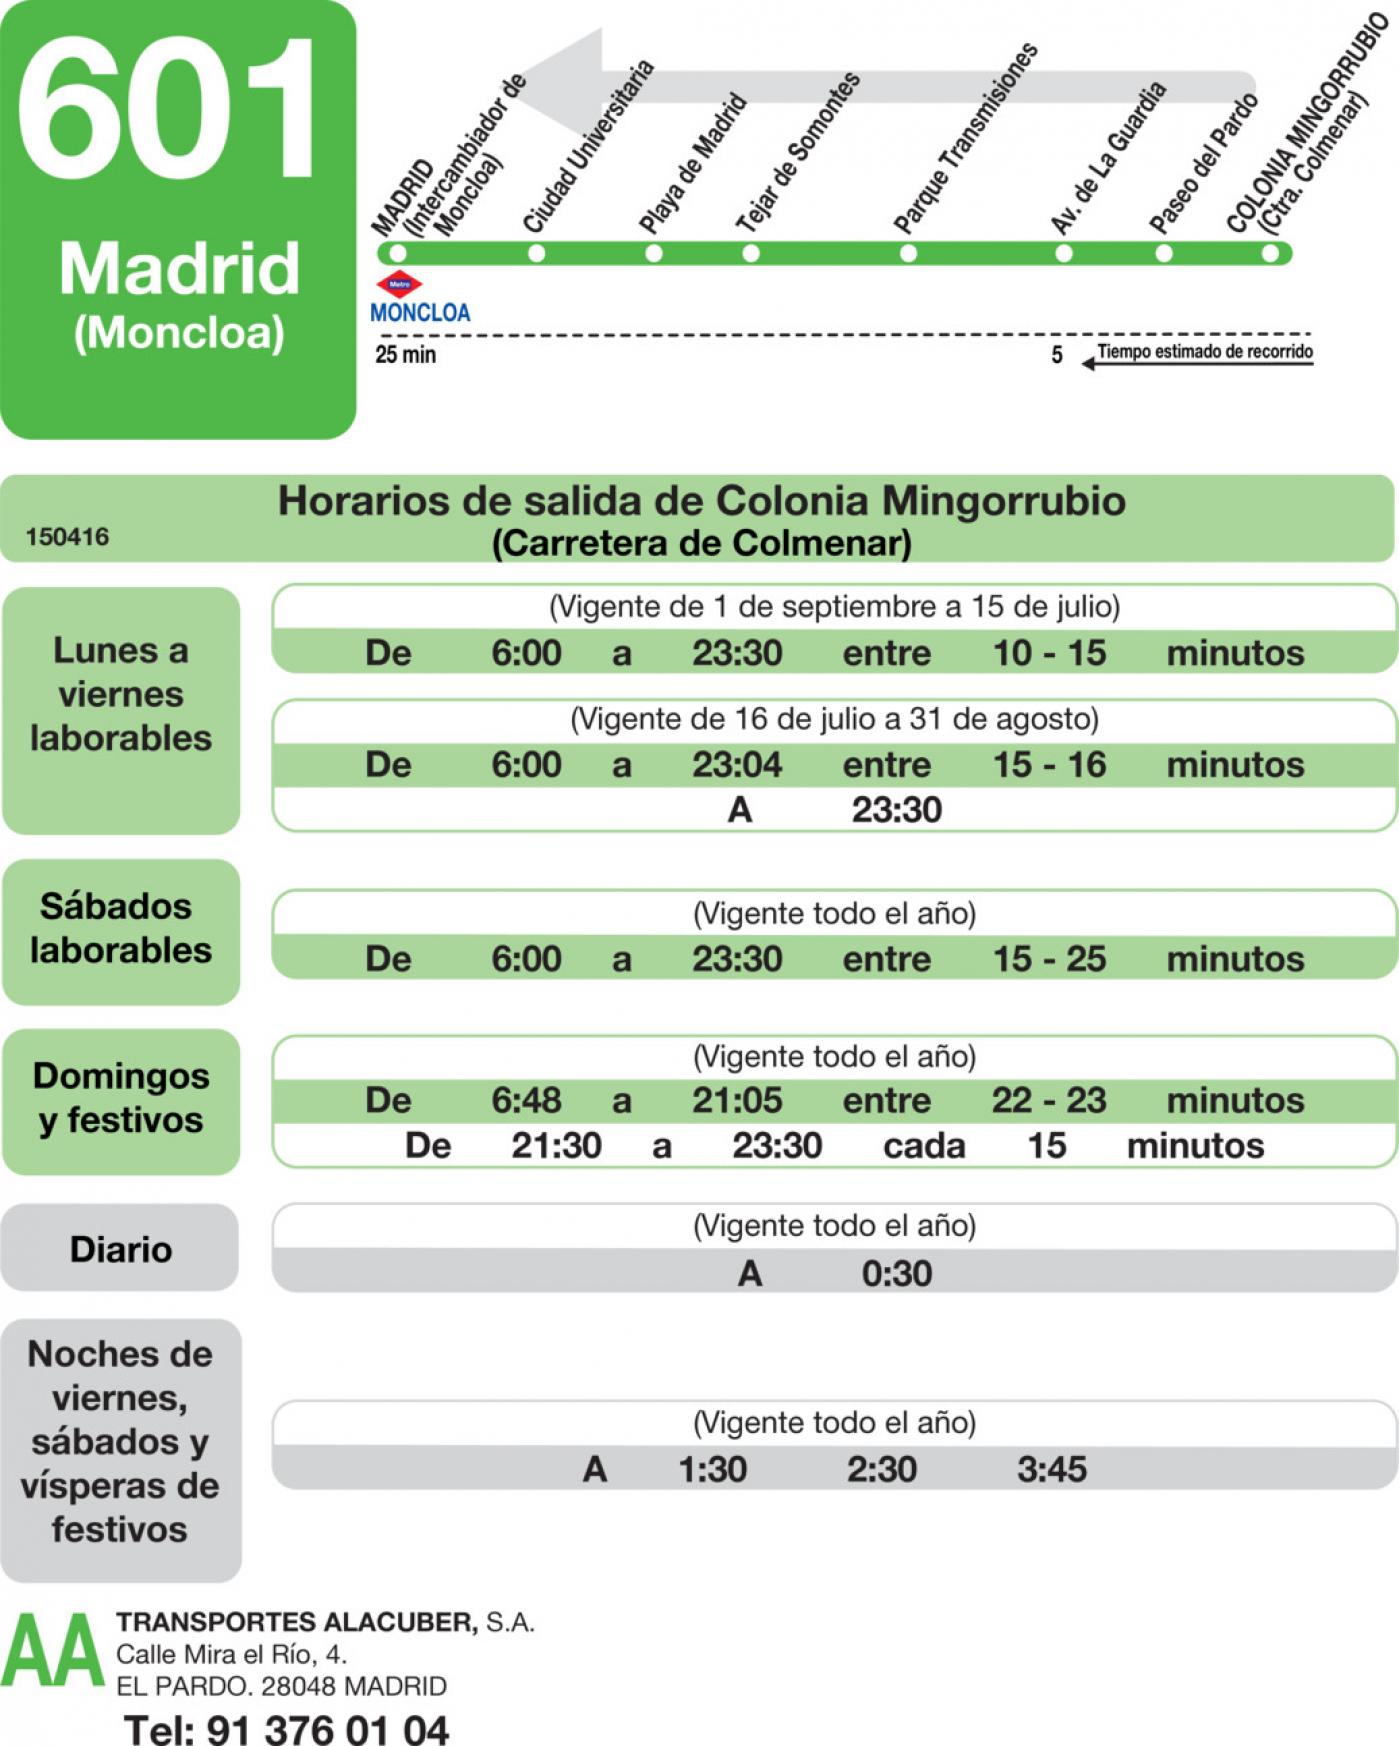 Tabla de horarios y frecuencias de paso en sentido vuelta Línea 601: Madrid (Moncloa) - El Pardo - Mingorrubio